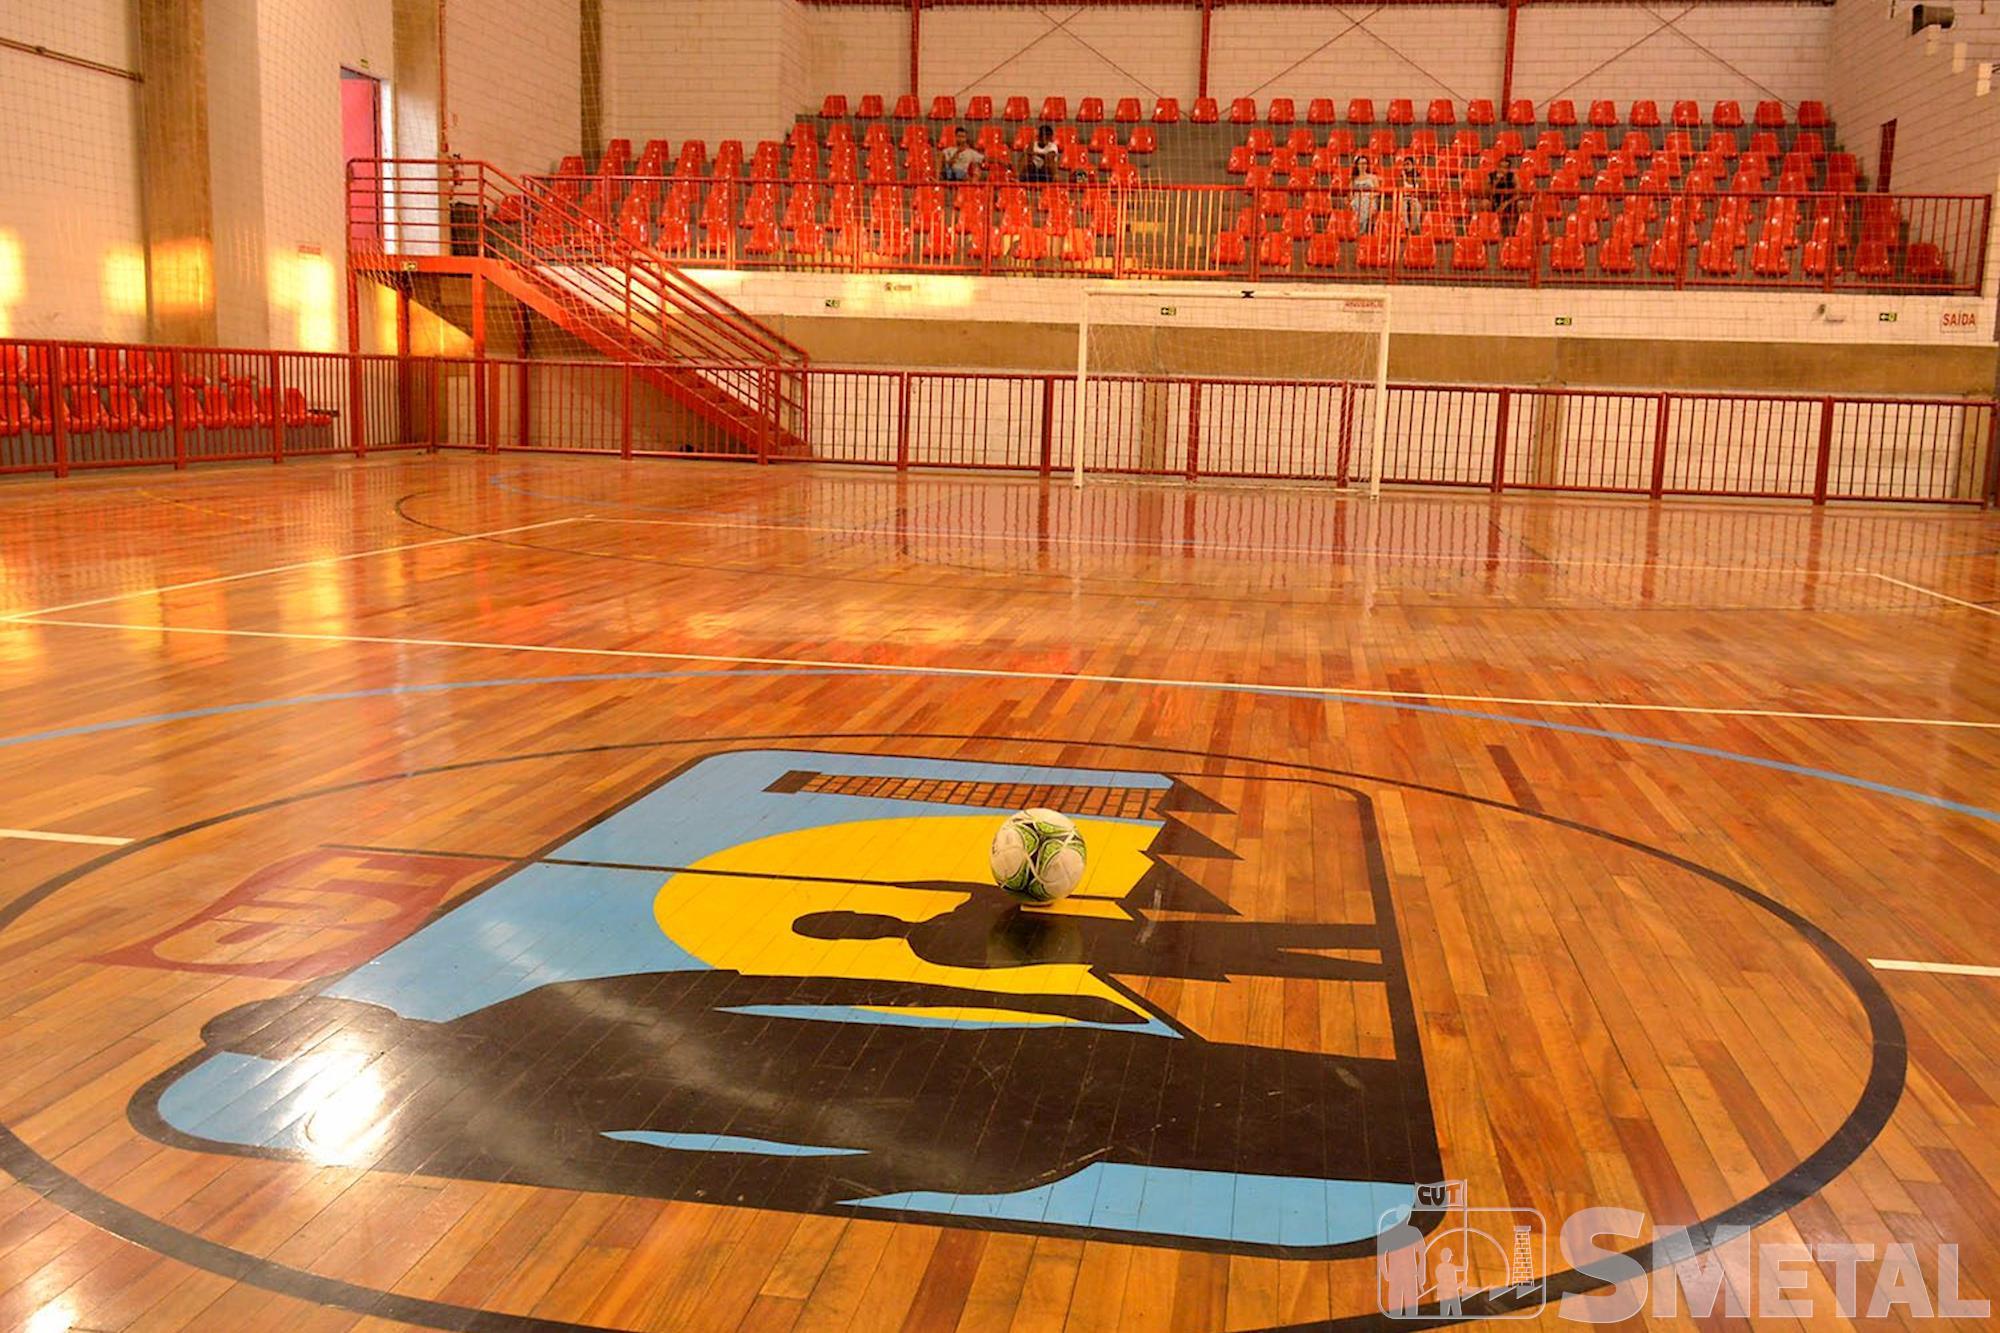 O ginásio pode ser reservado para partidas de futsal,  vôlei,  basquete e outras modalidades esportivas,  praticados com familiares e amigos, Foguinho/Imprensa SMetal